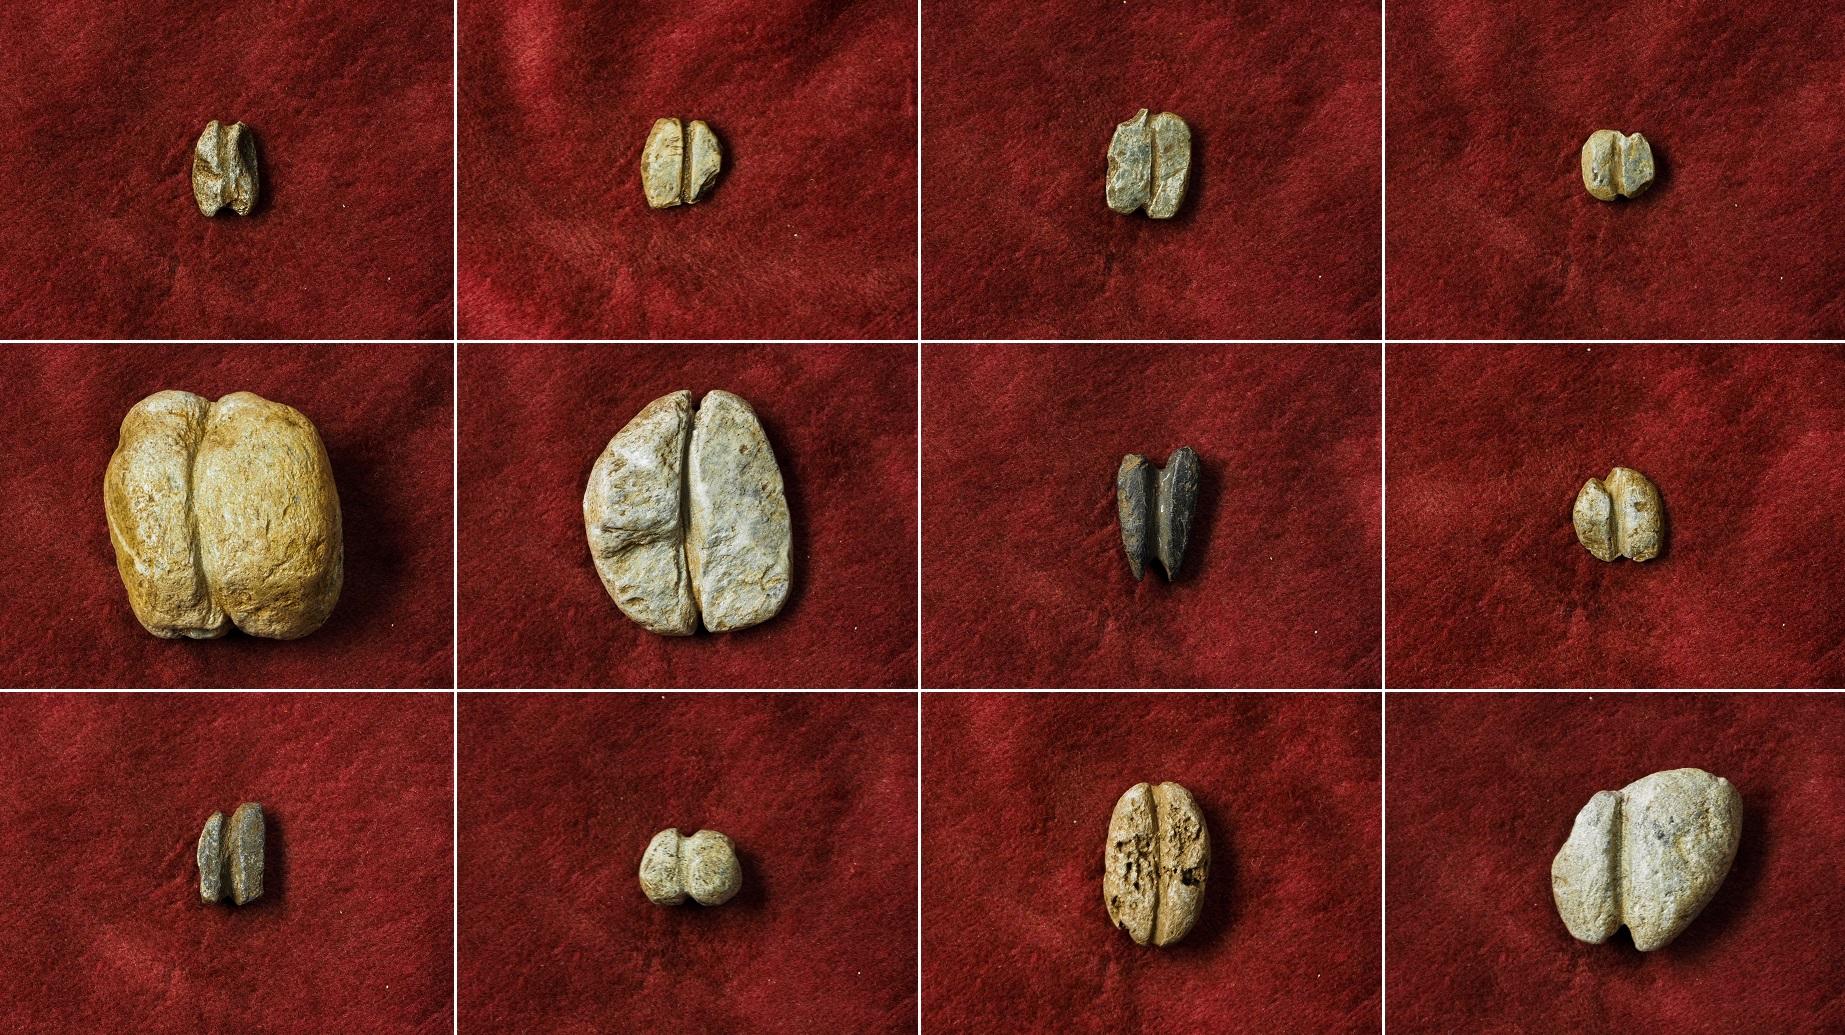 dating gjenstander og fossiler fredag kveld lysene stjerner dating